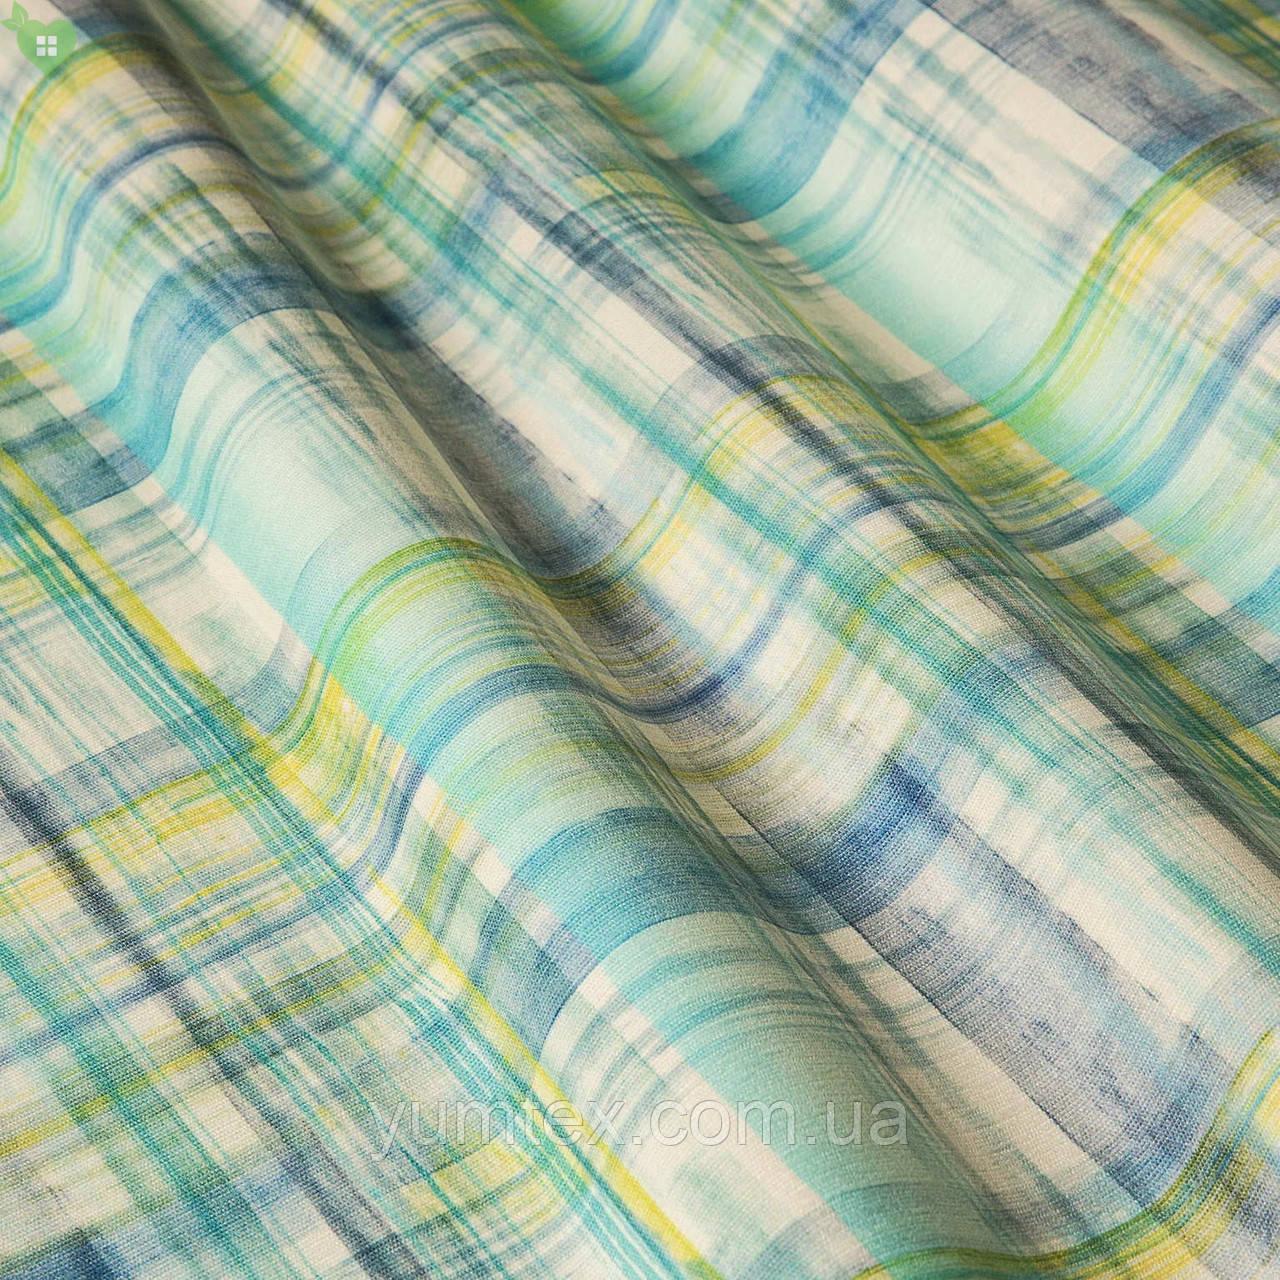 Декоративная ткань с размытыми желто-голубыми квадратами Испания